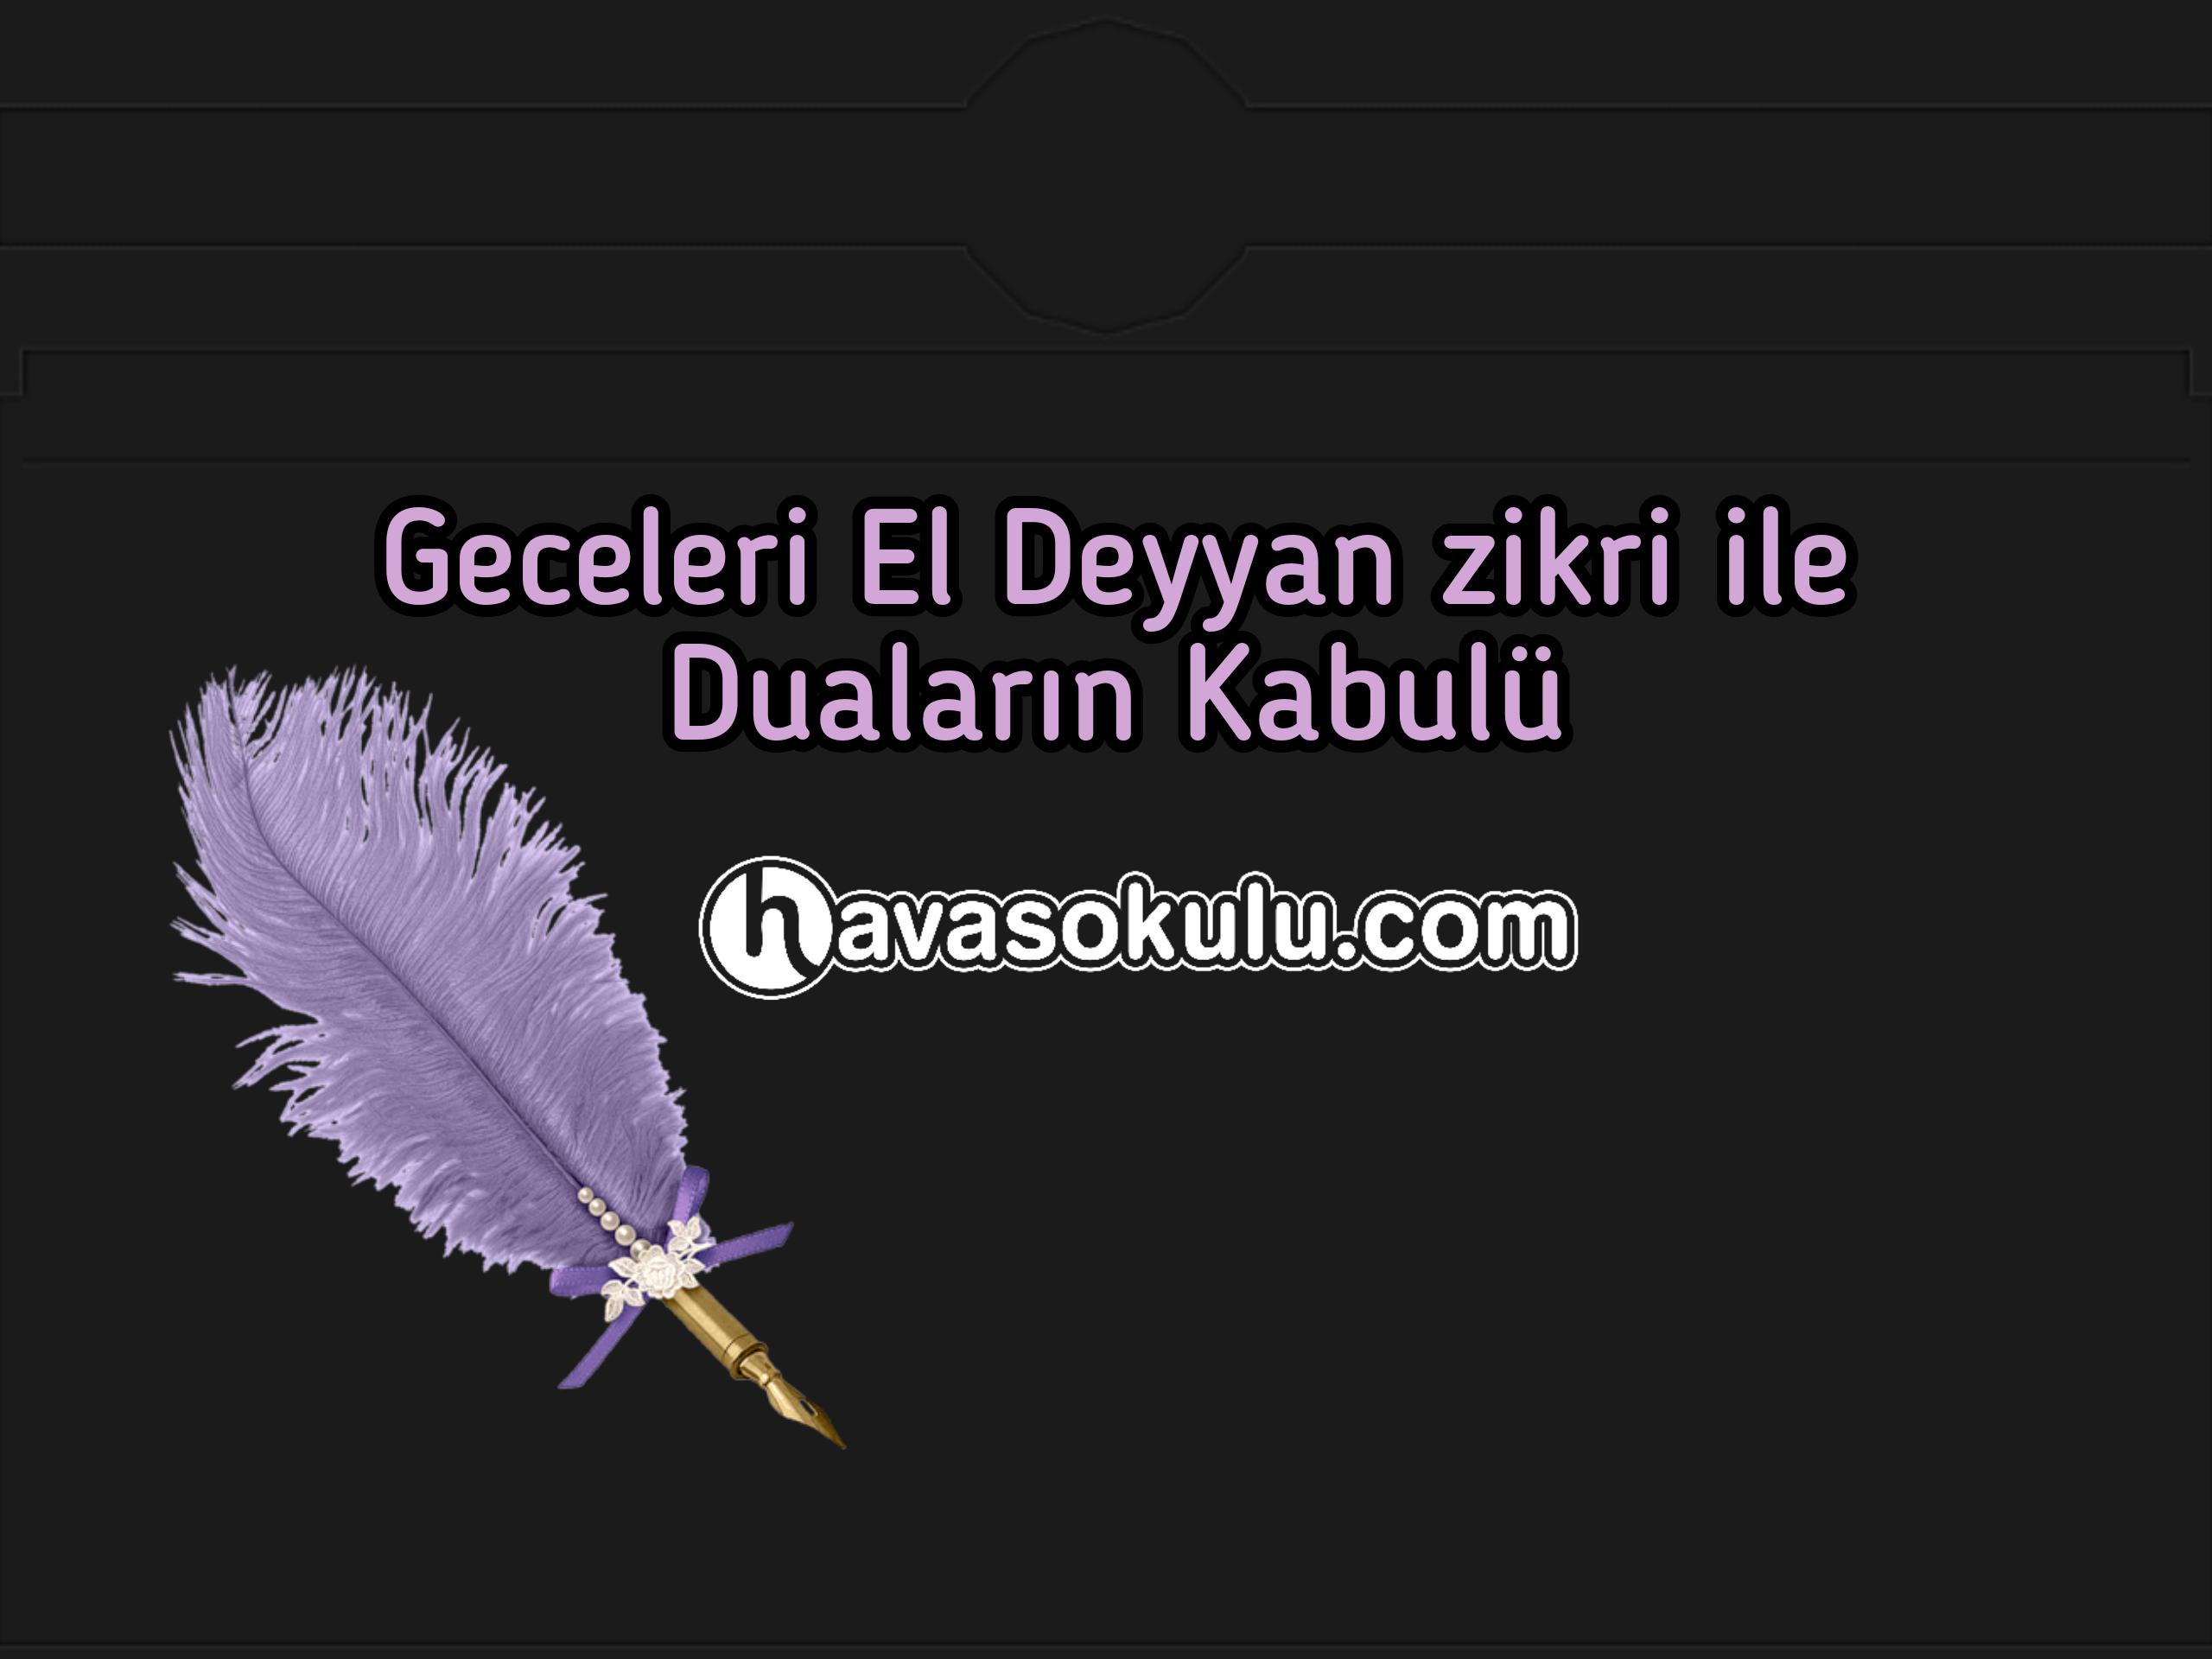 Deyyan Zikri